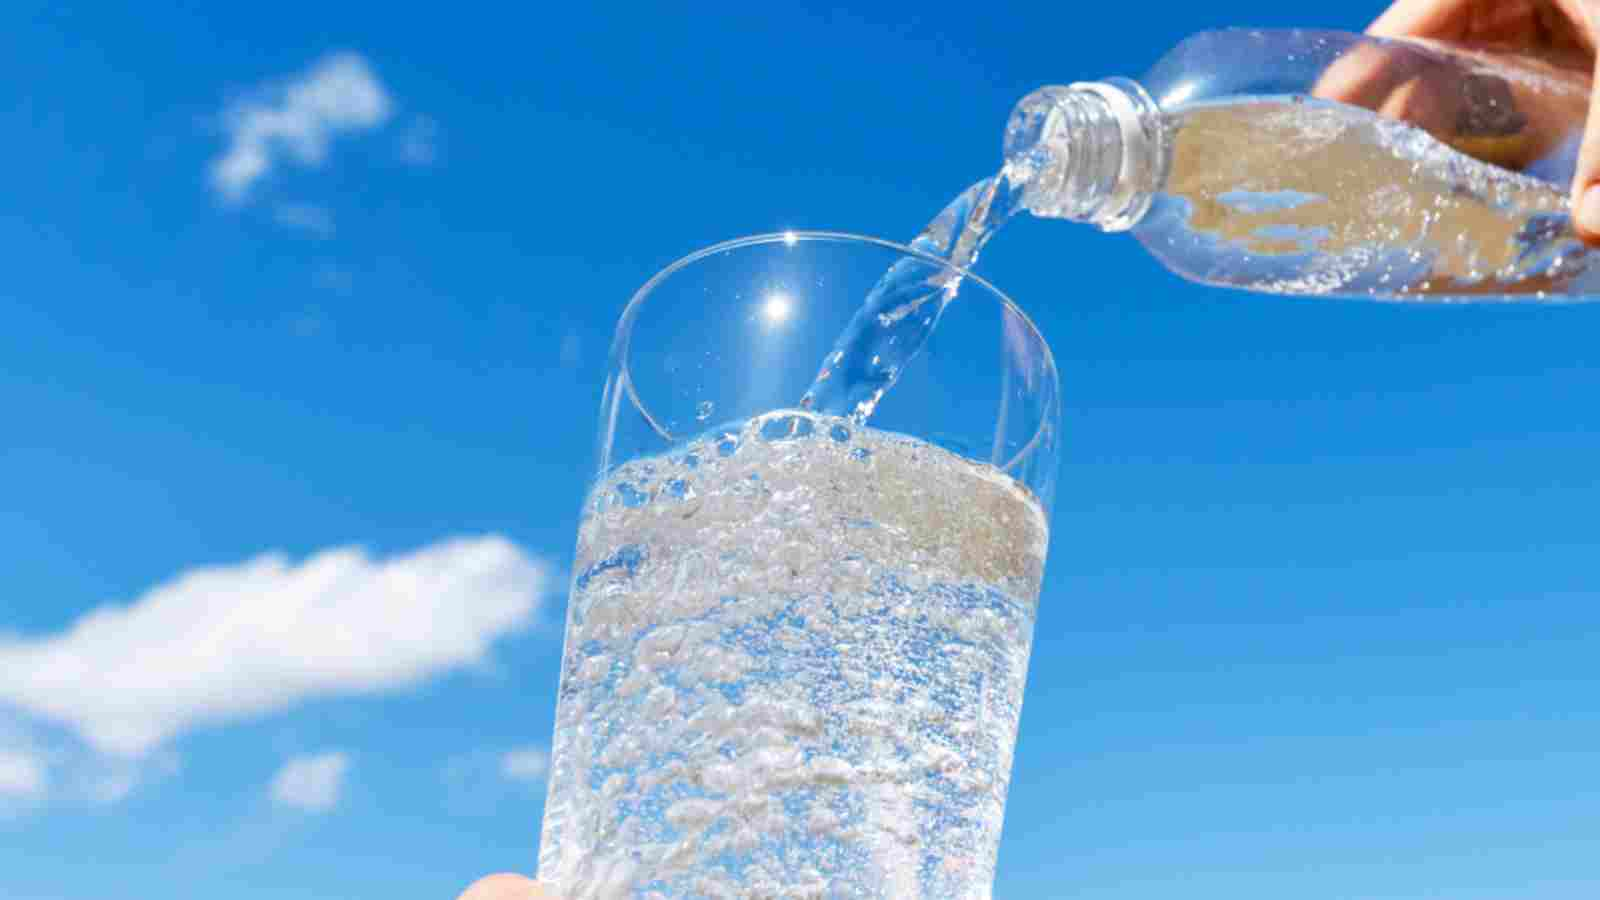 المياه الغازية لجسم الإنسان: بين الفوائد والأضرار